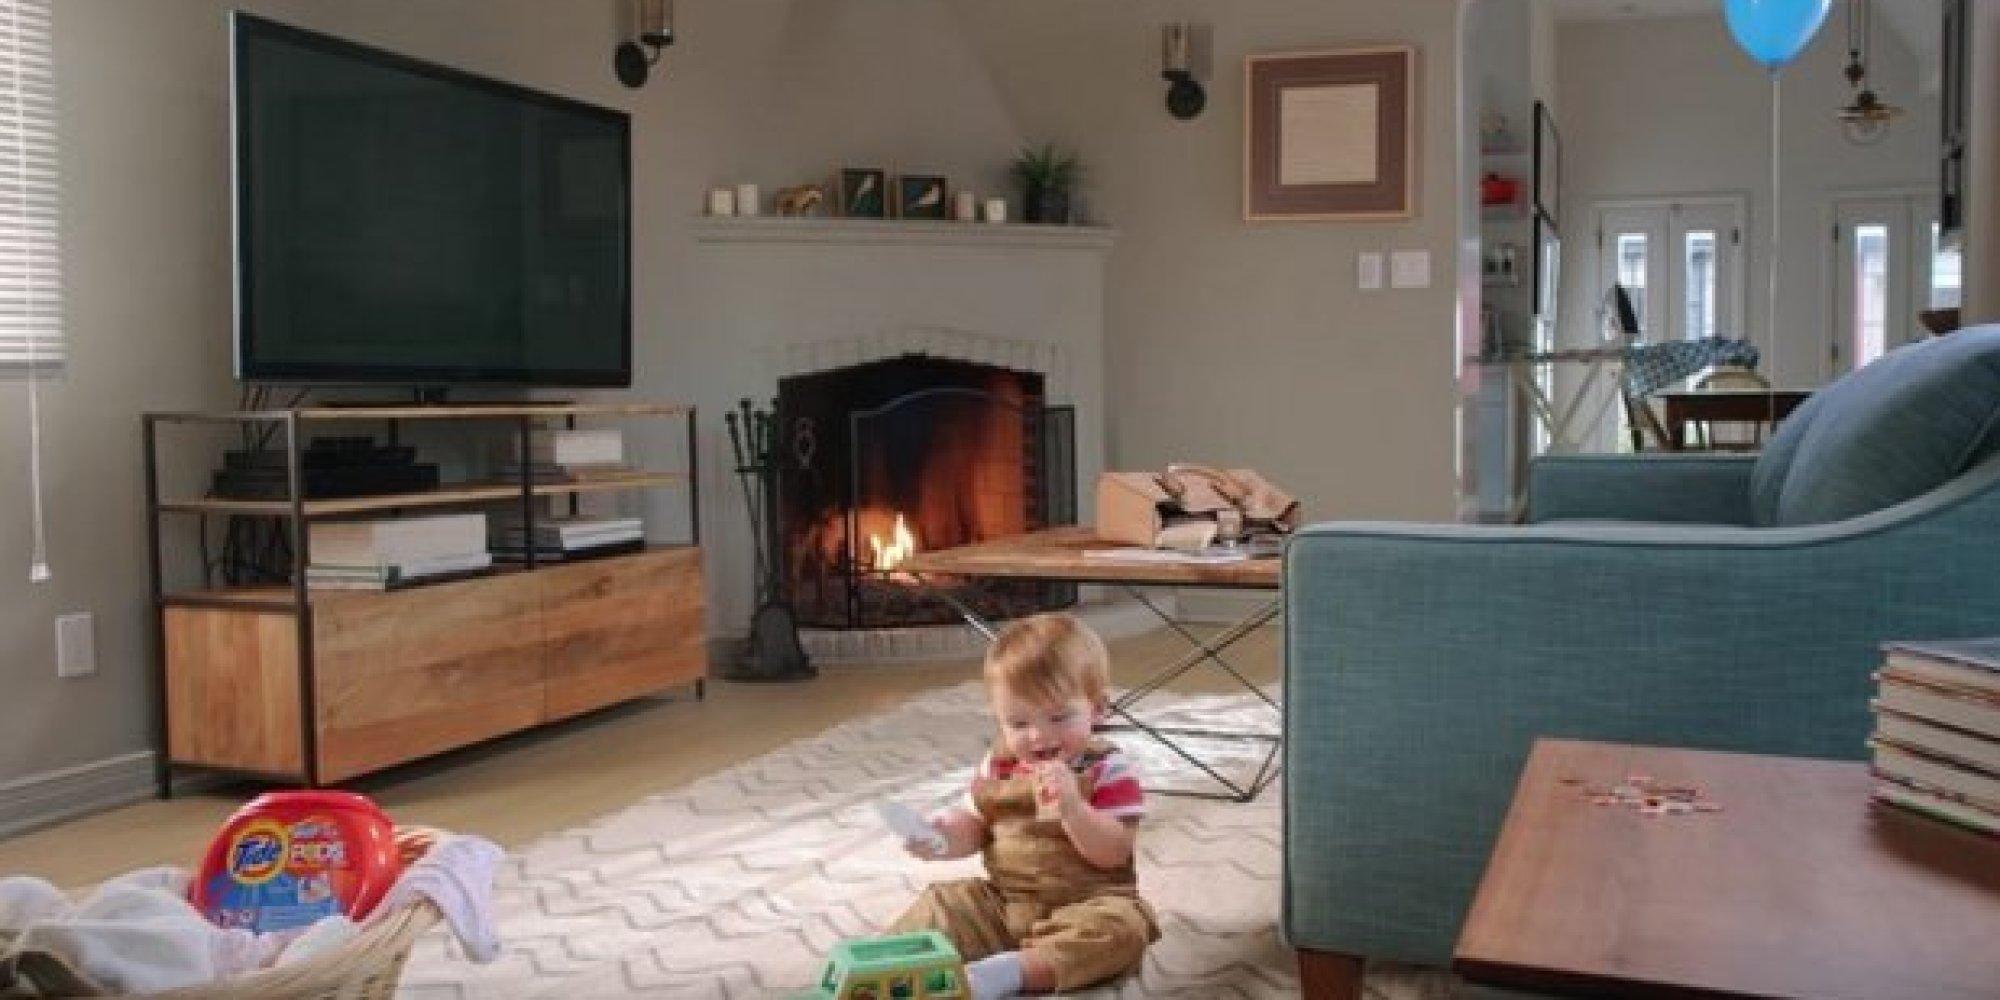 In Diesem Wohnzimmer Wartet Der Tod Auf Das Kind Seht Ihr Es